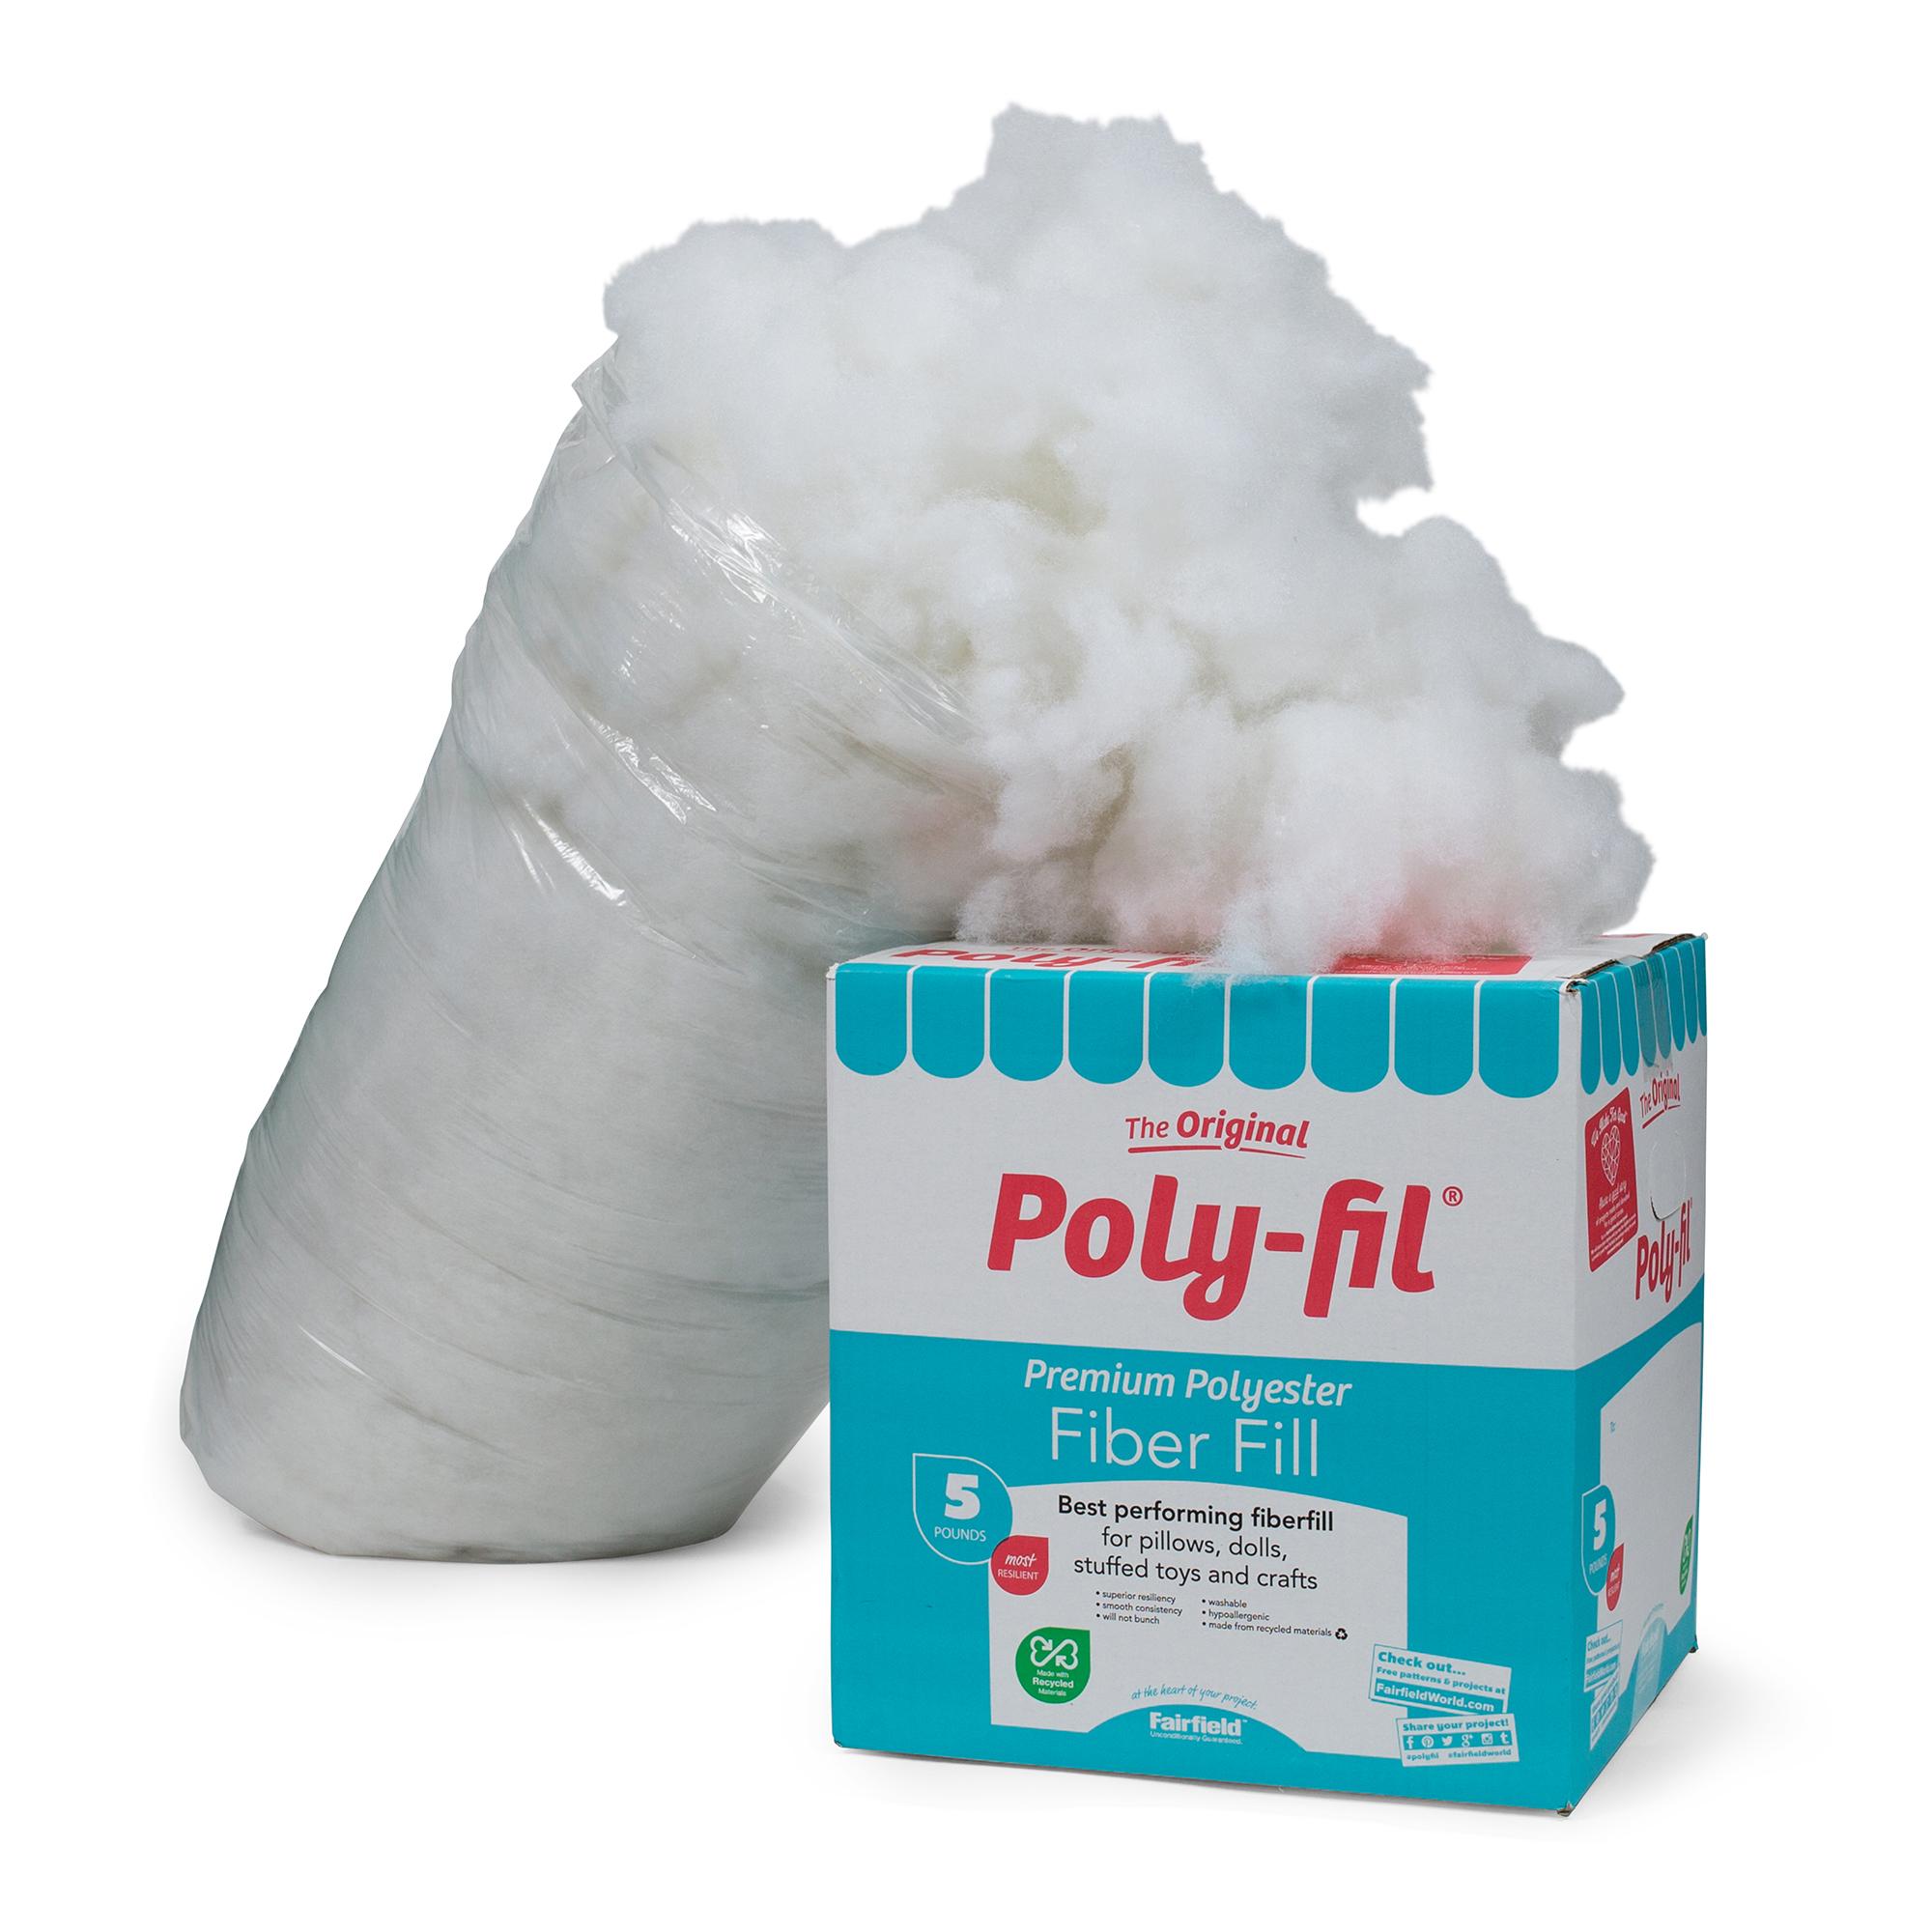 Poly-fil Fiber Fill